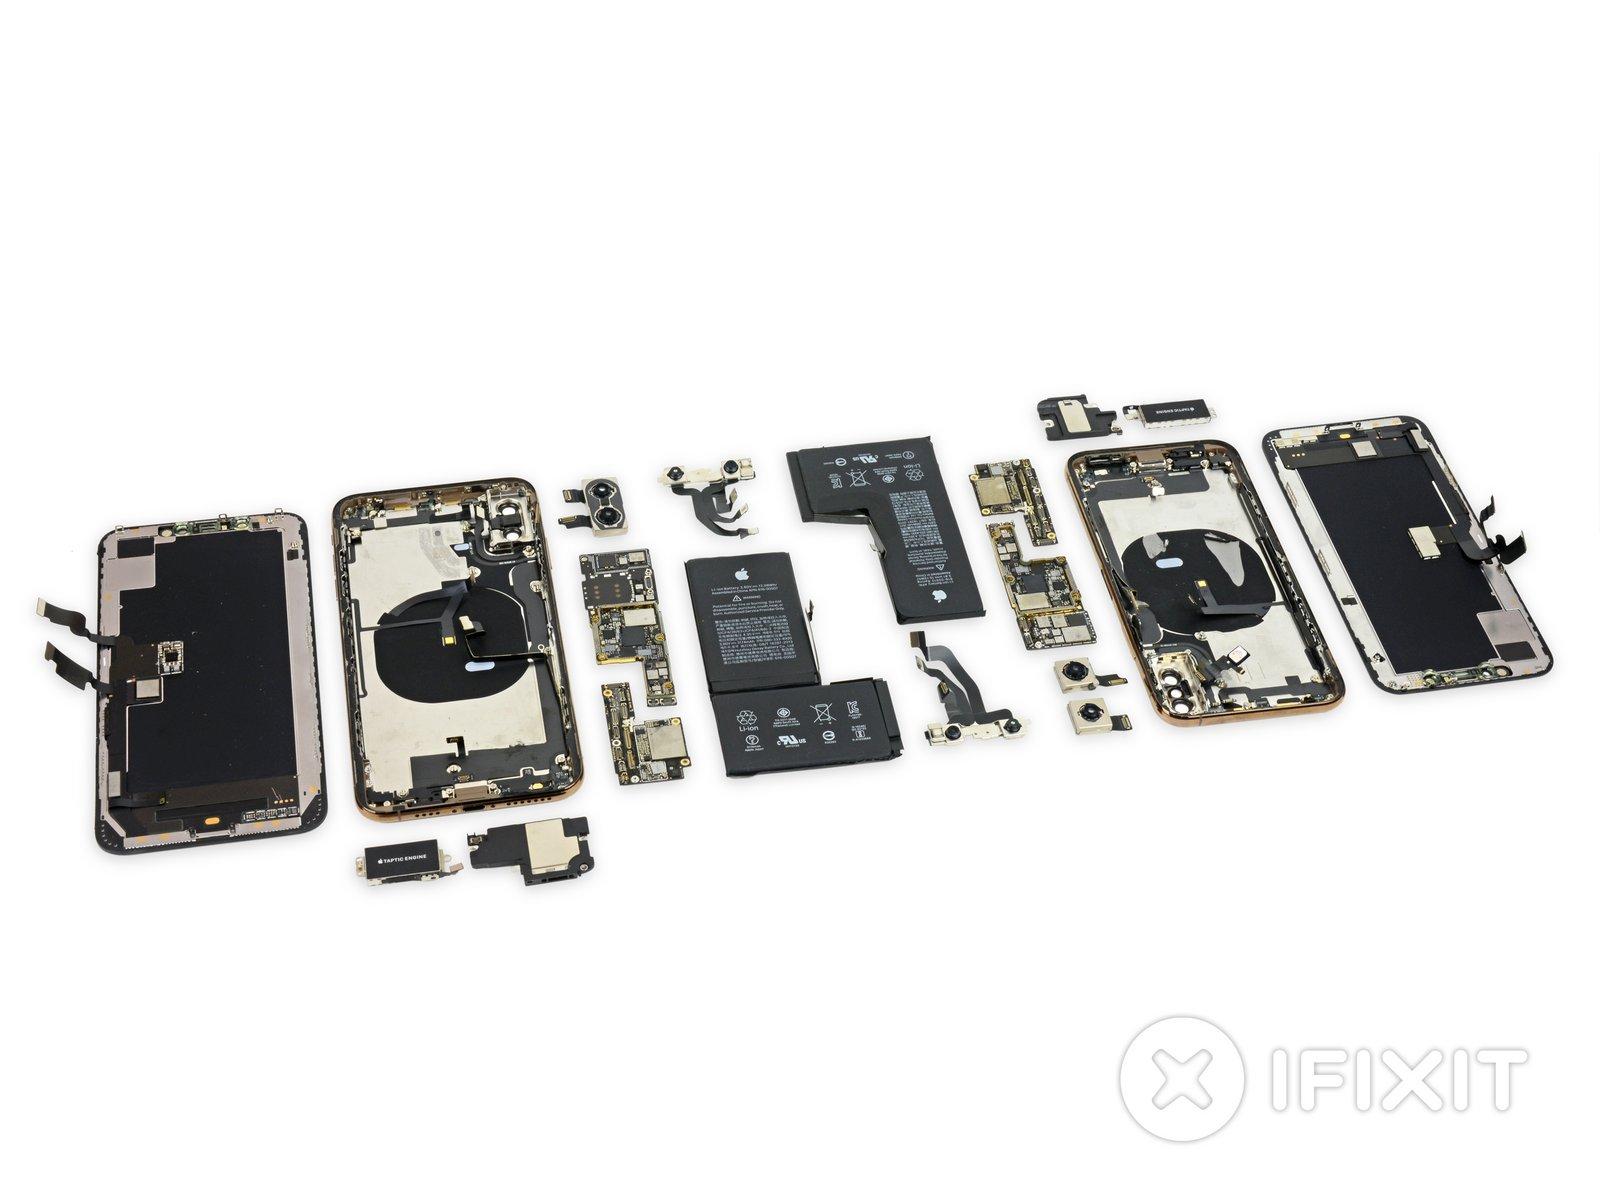 dịch vụ sửa chữa iphone.